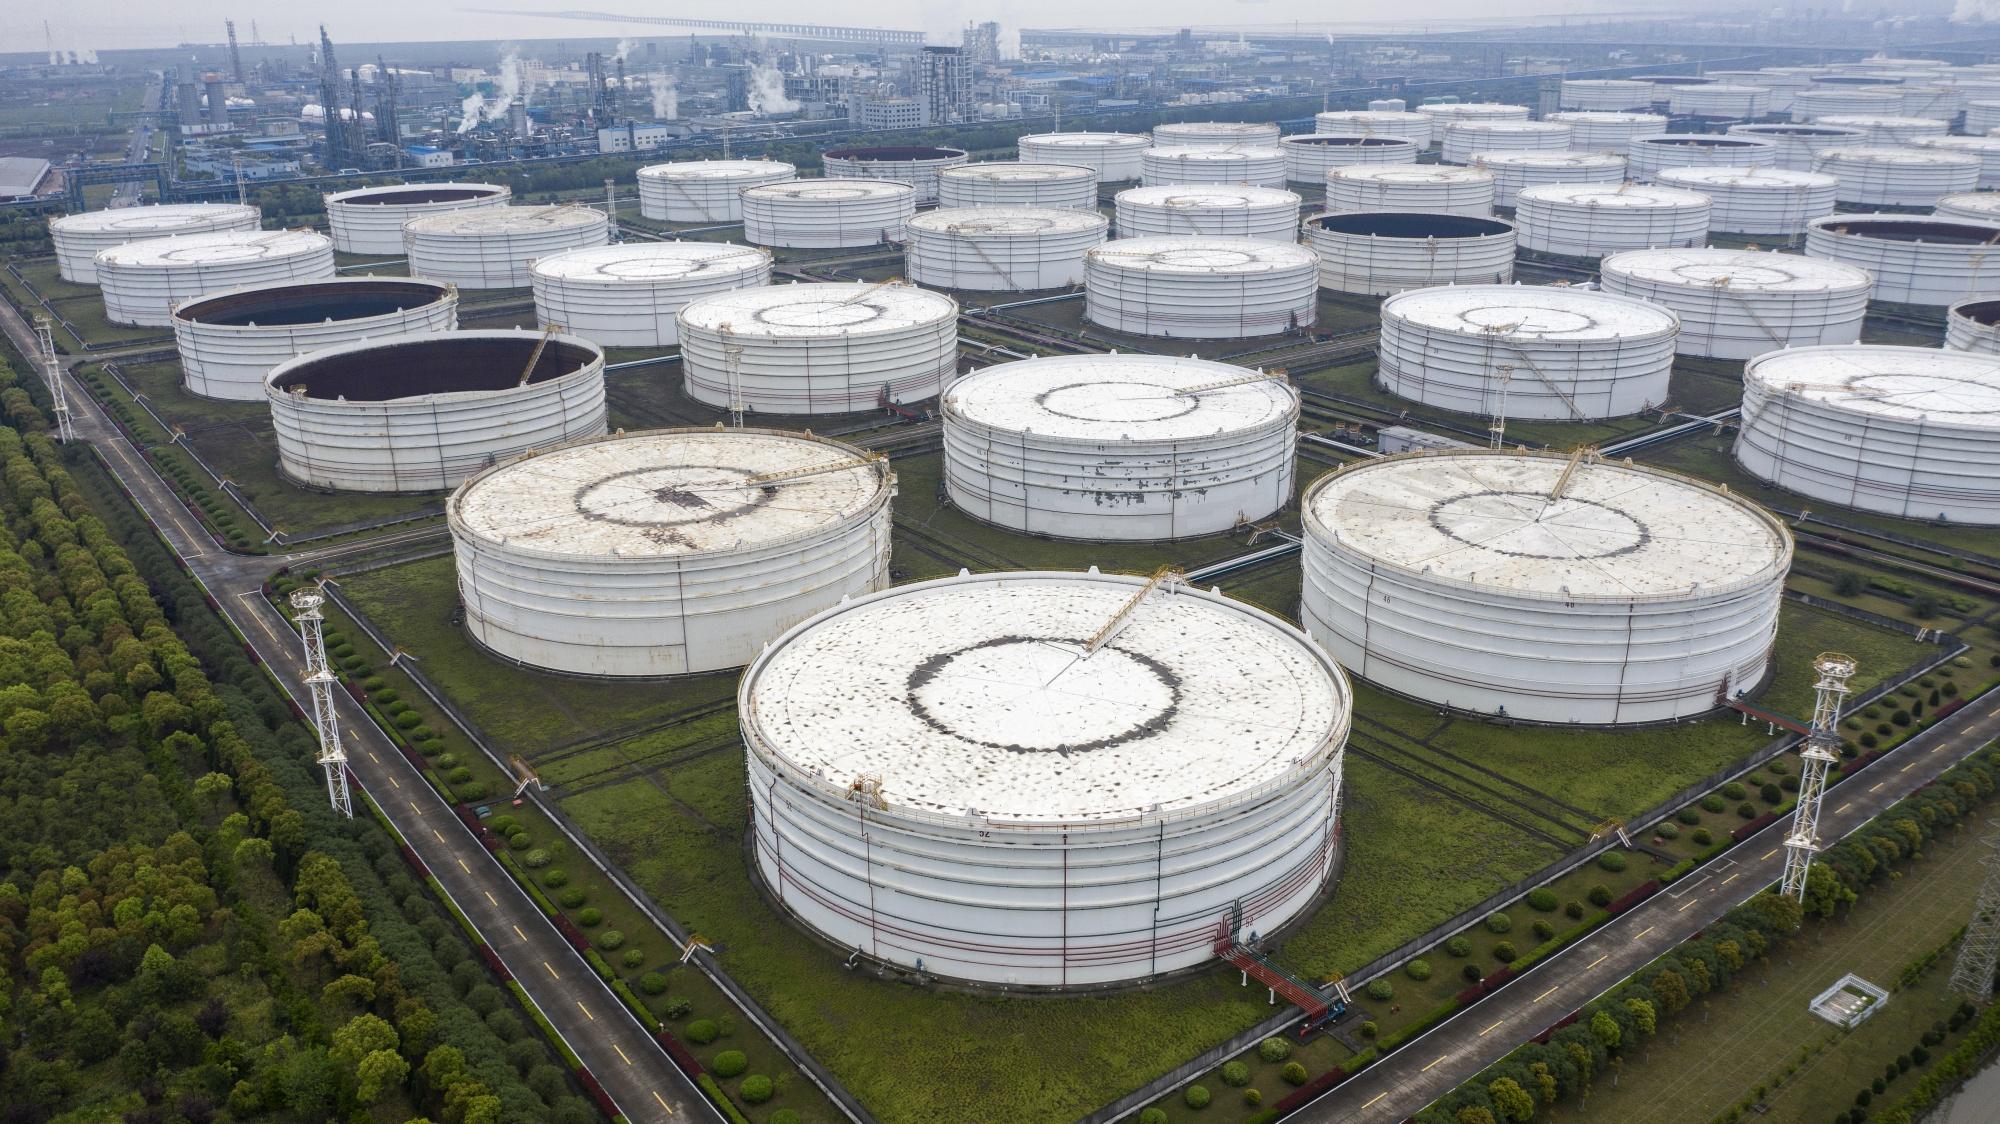 Ngành năng lượng Trung Quốc sẽ phục hồi mạnh mẽ nhờ việc nhập khẩu dầu mỏ với sản lượng lớn - Ảnh 1.